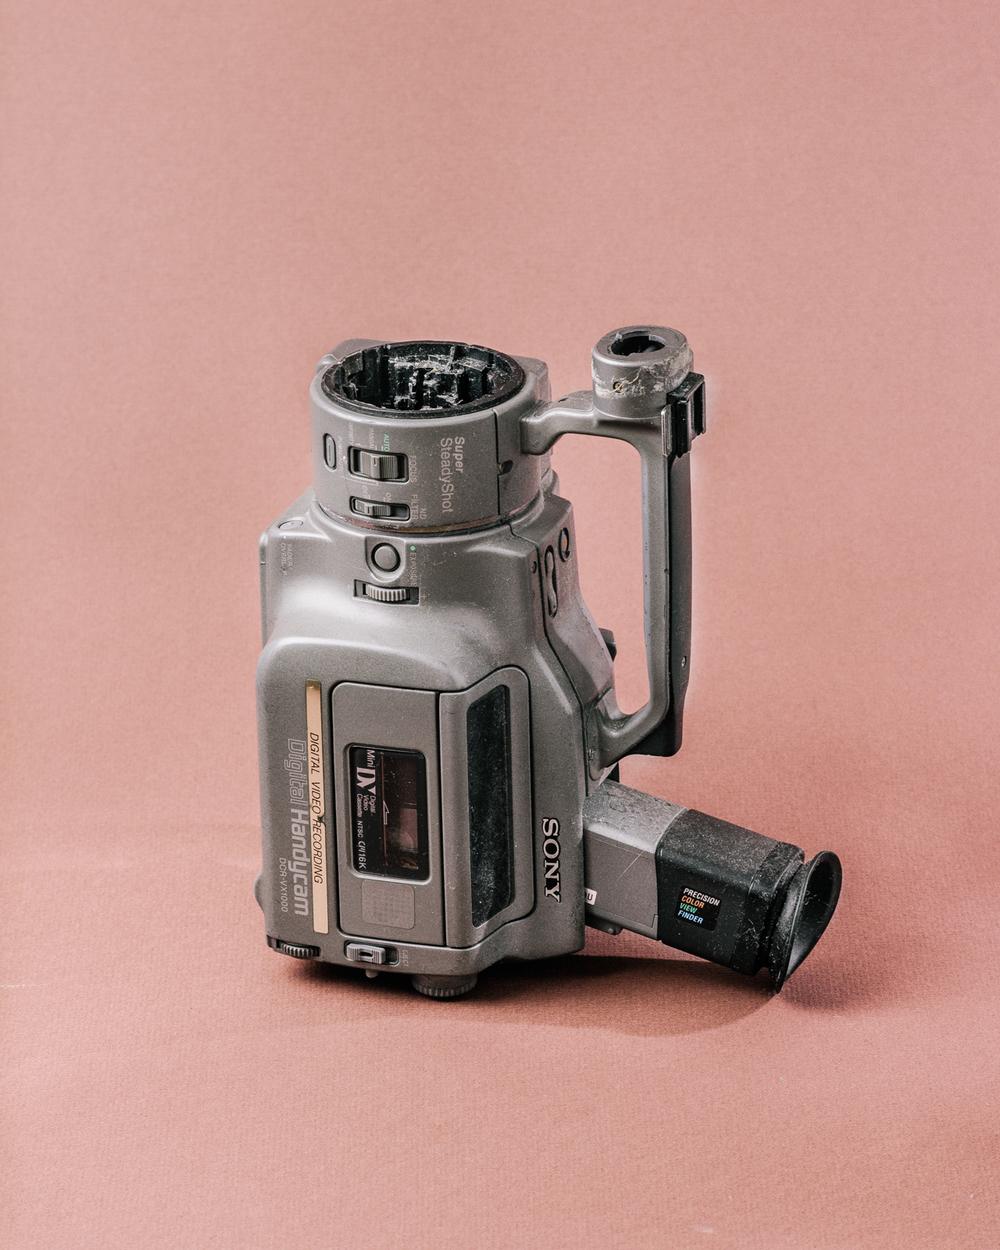 DCR-VX1000